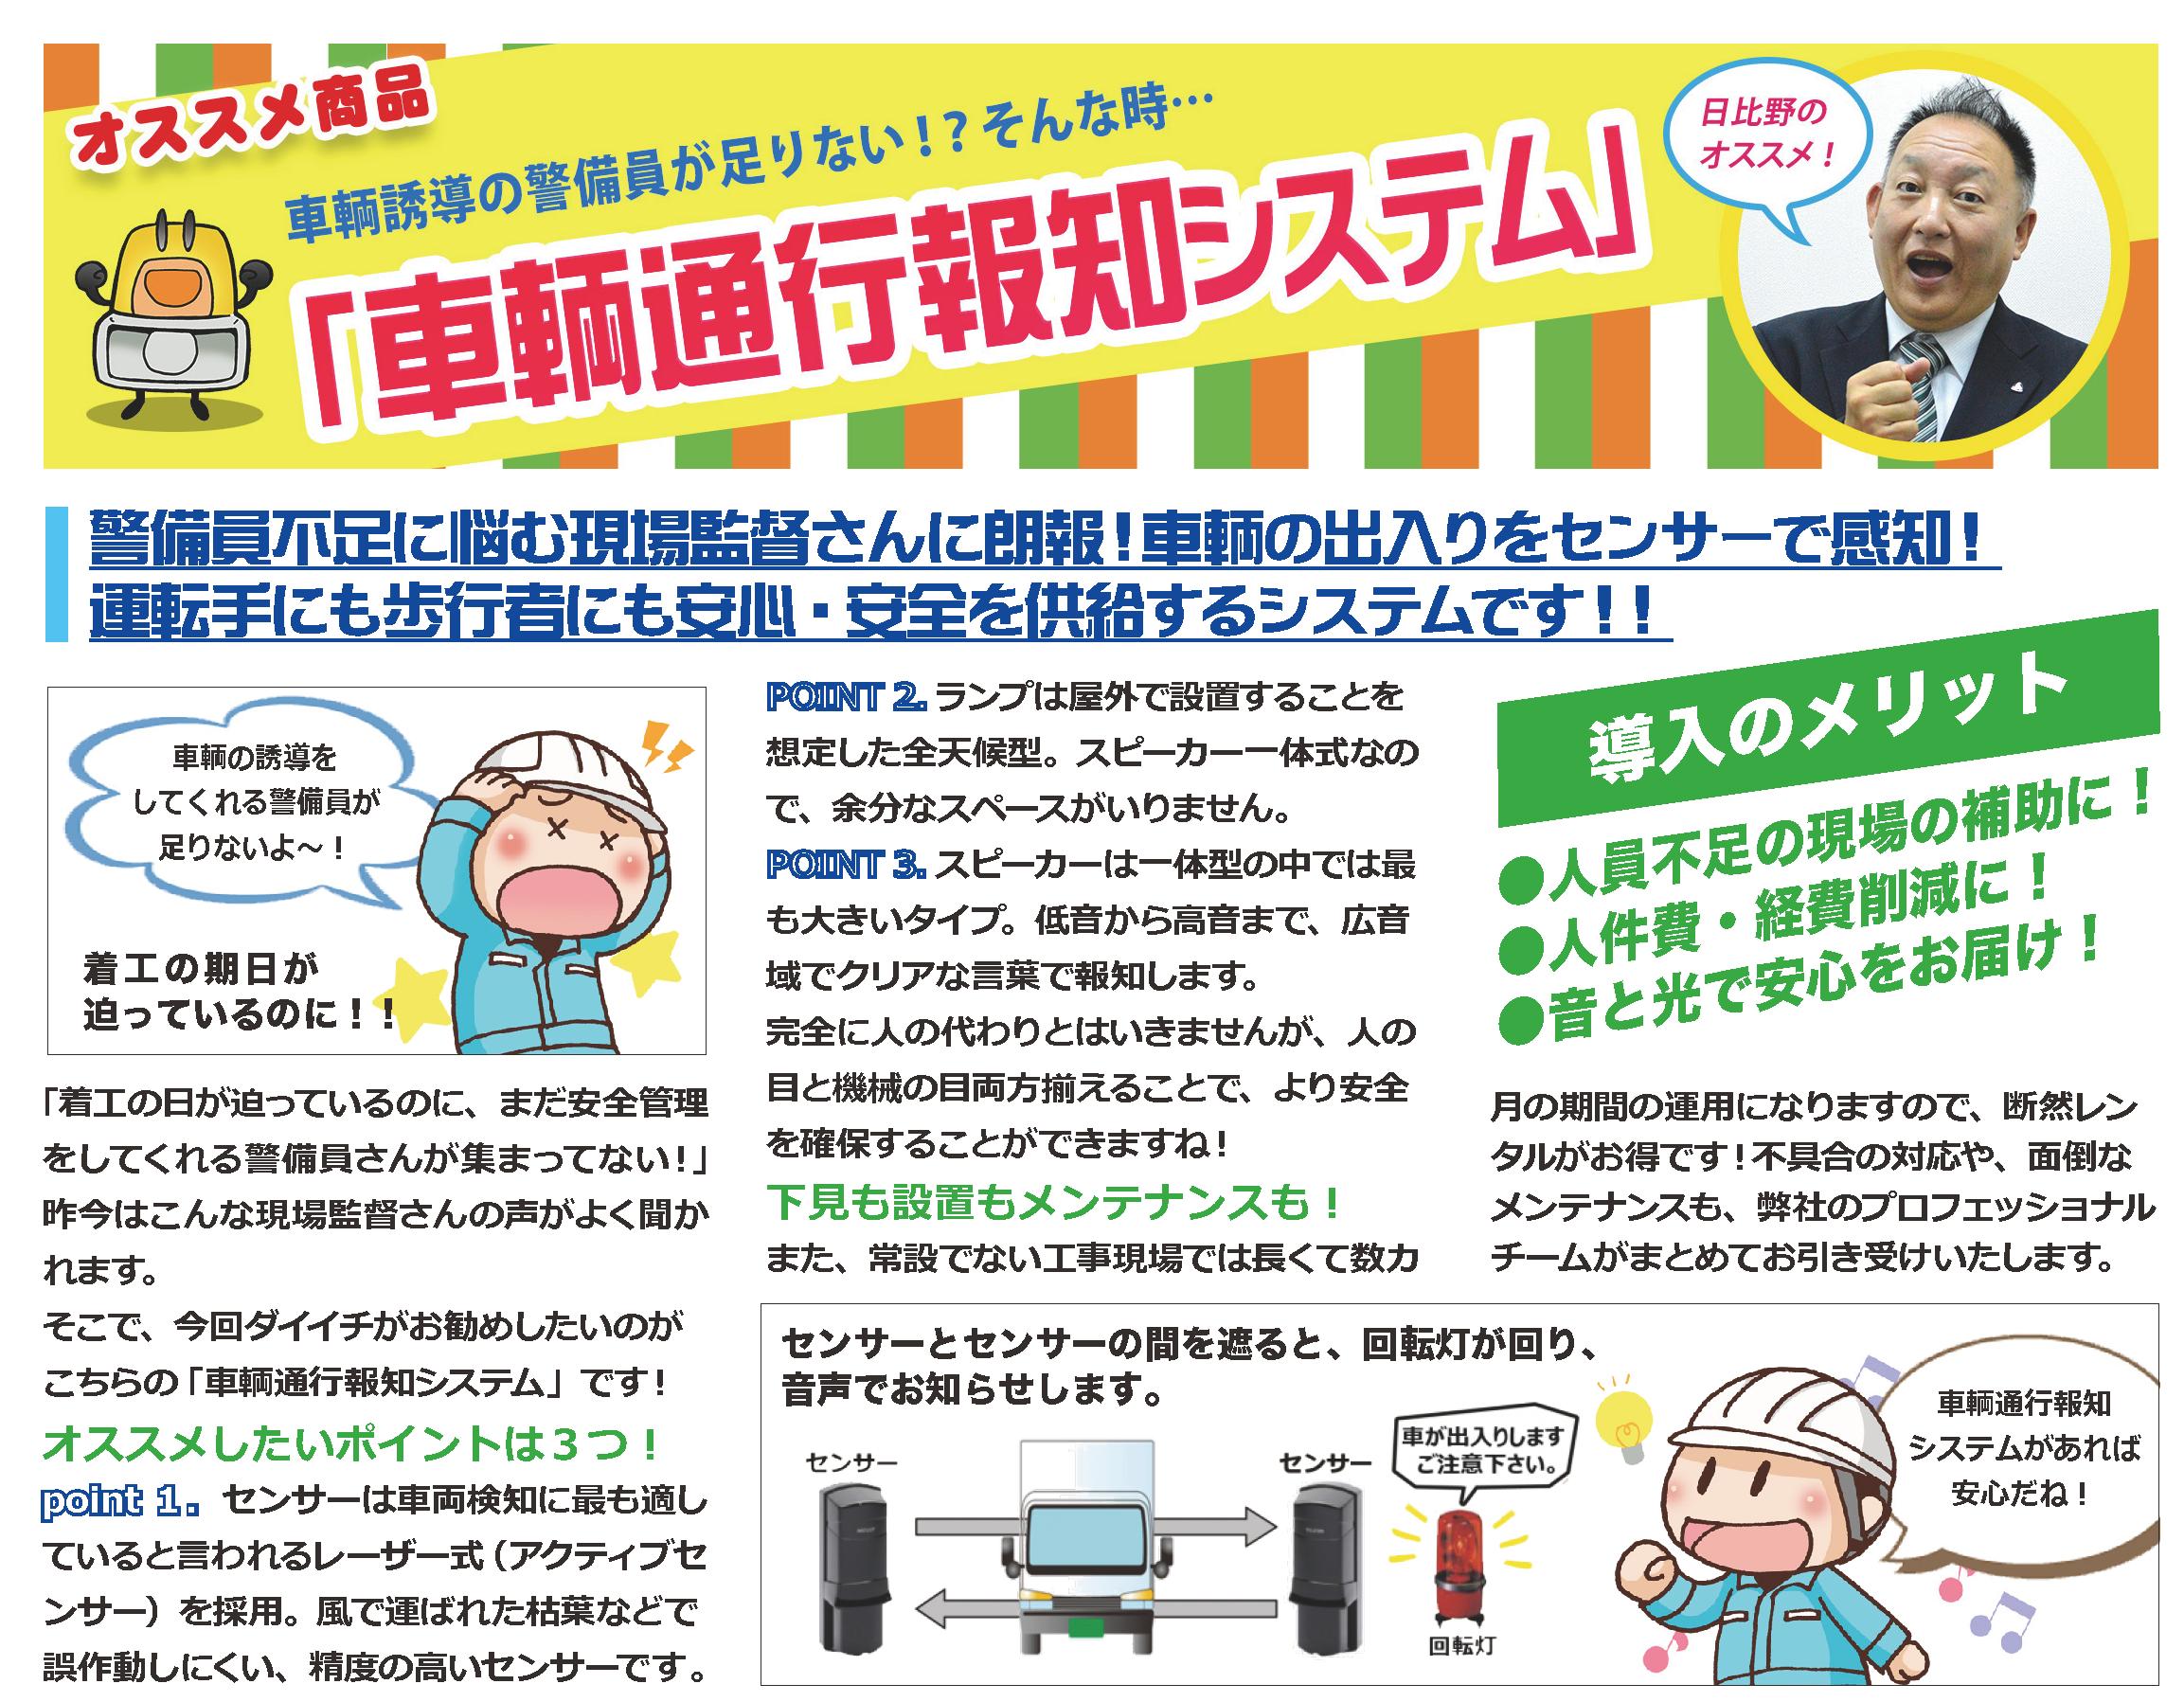 ダイイチレンタリース新聞_Vol.4_3